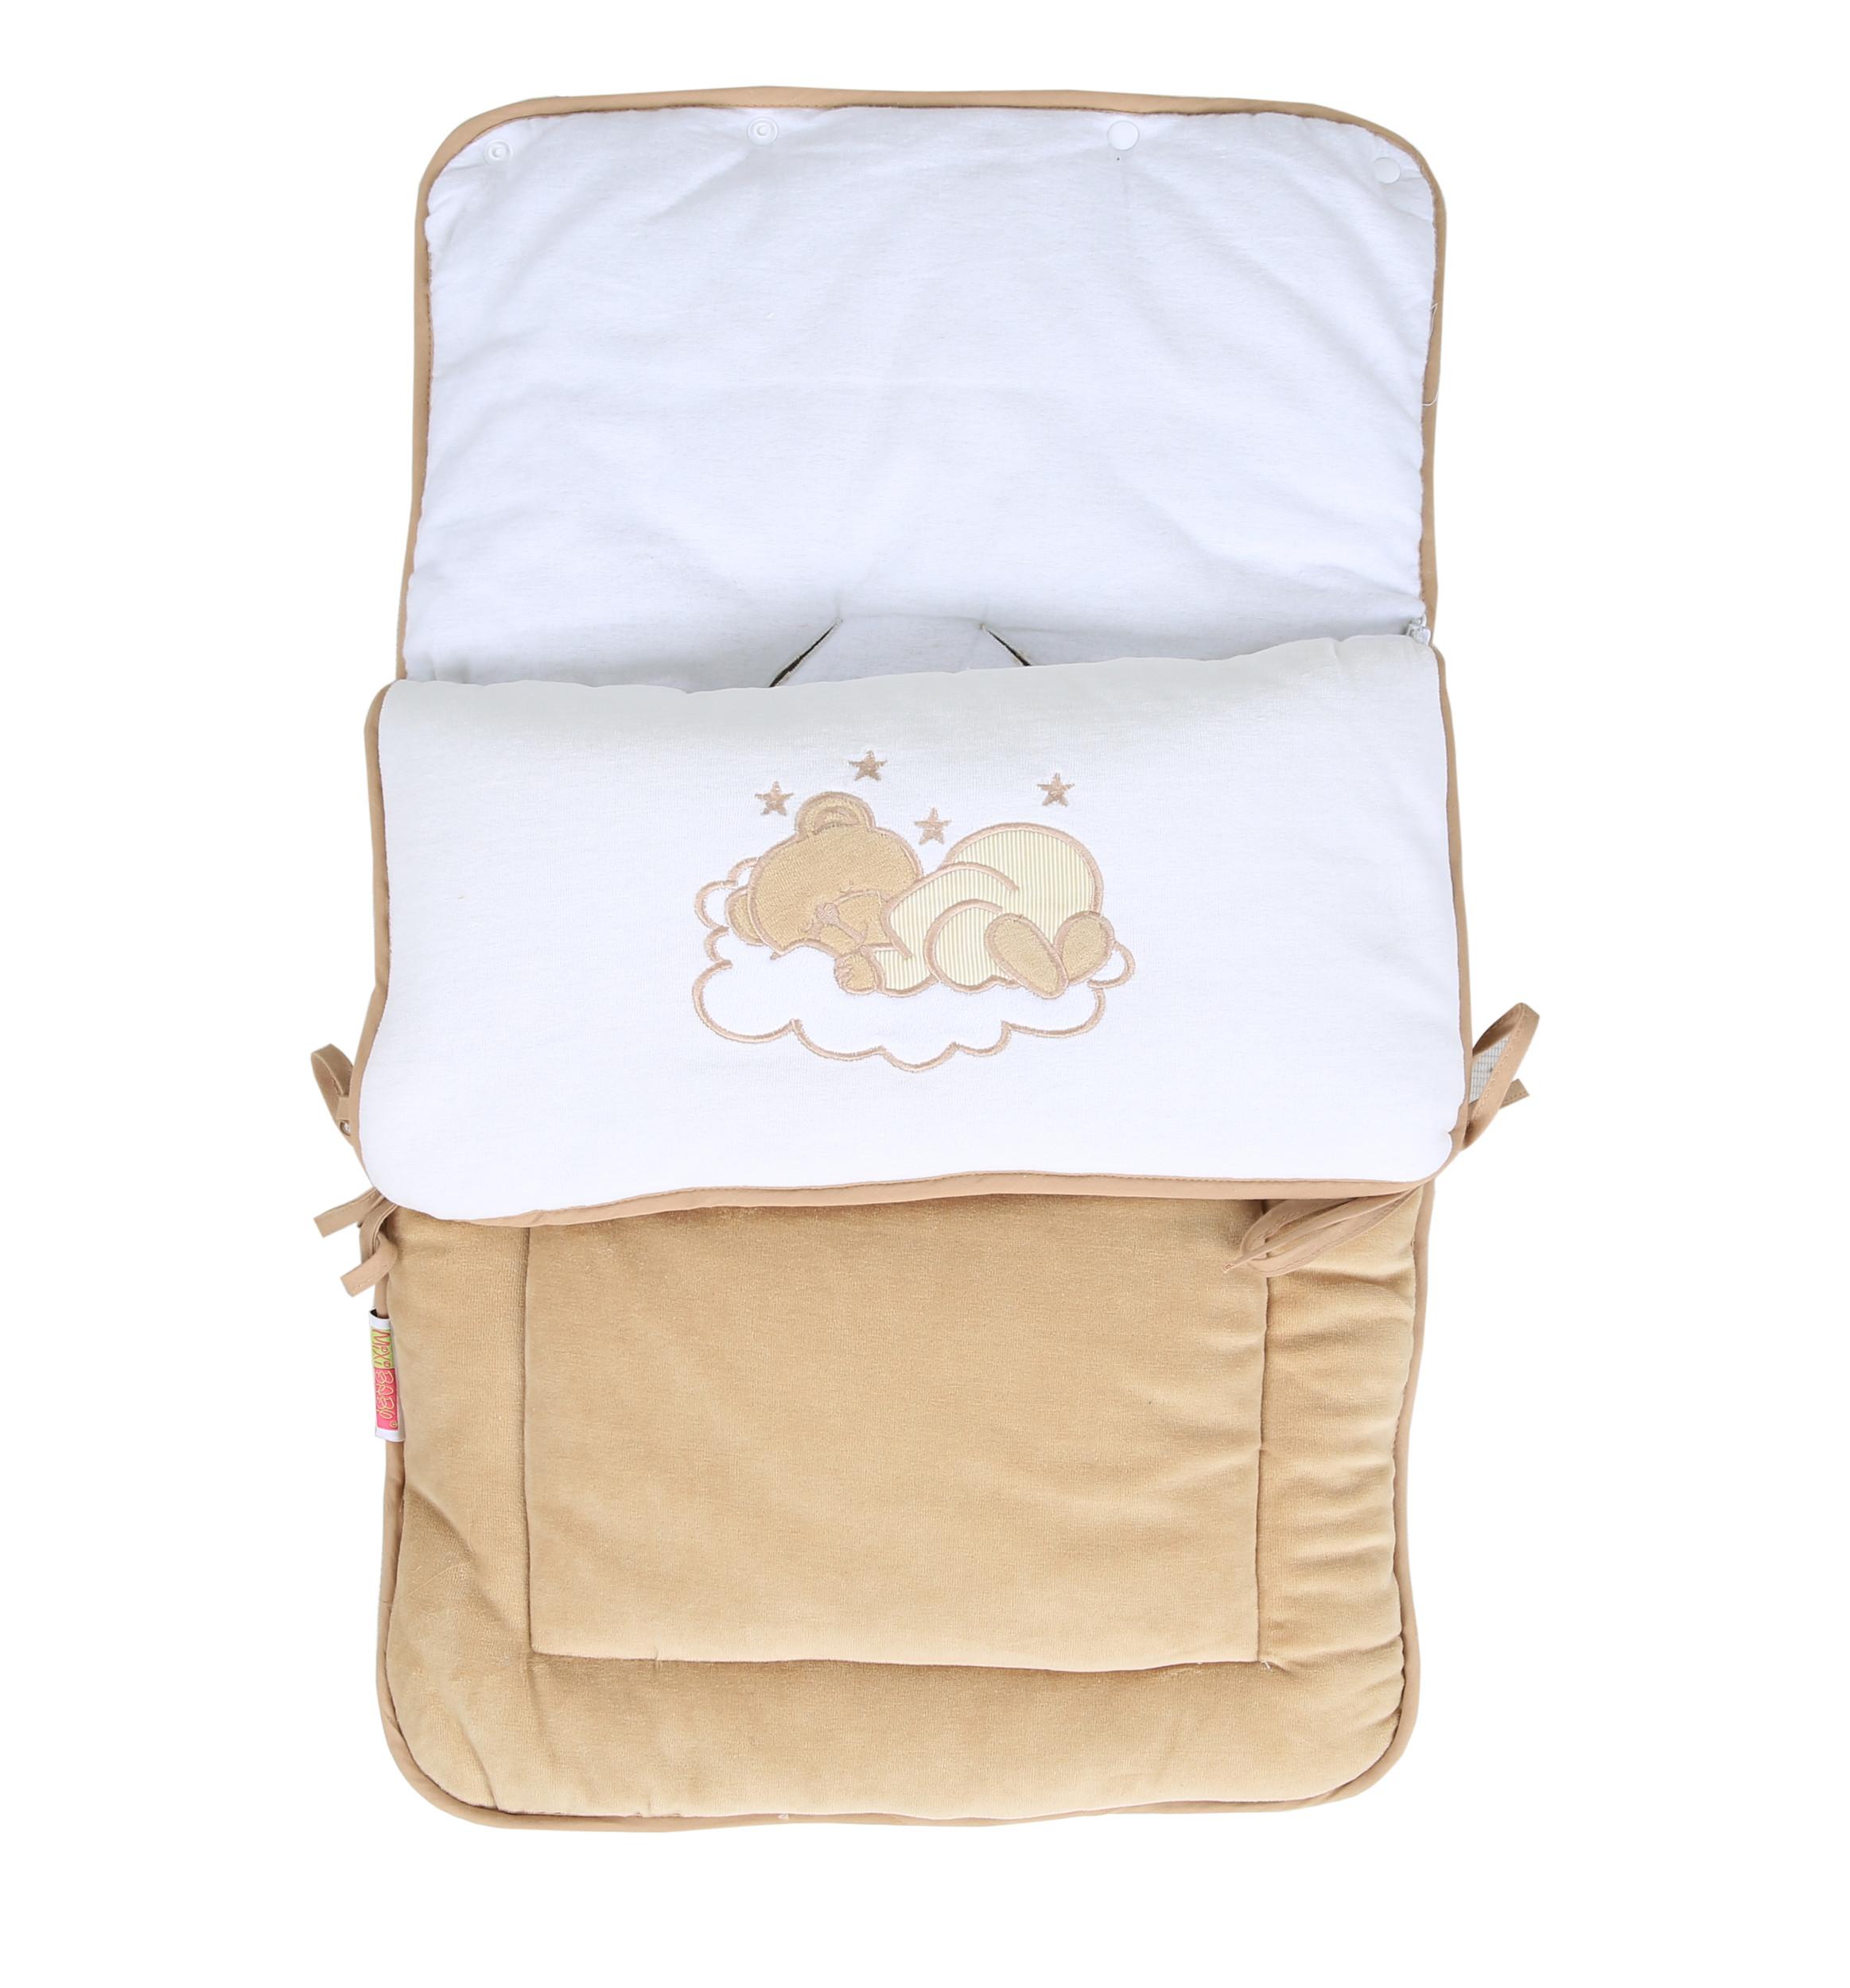 Schlaf-, Fuß- & Kuschelsack mit Gurtschlitz von Sleeping Bear Nicki – Bild 3